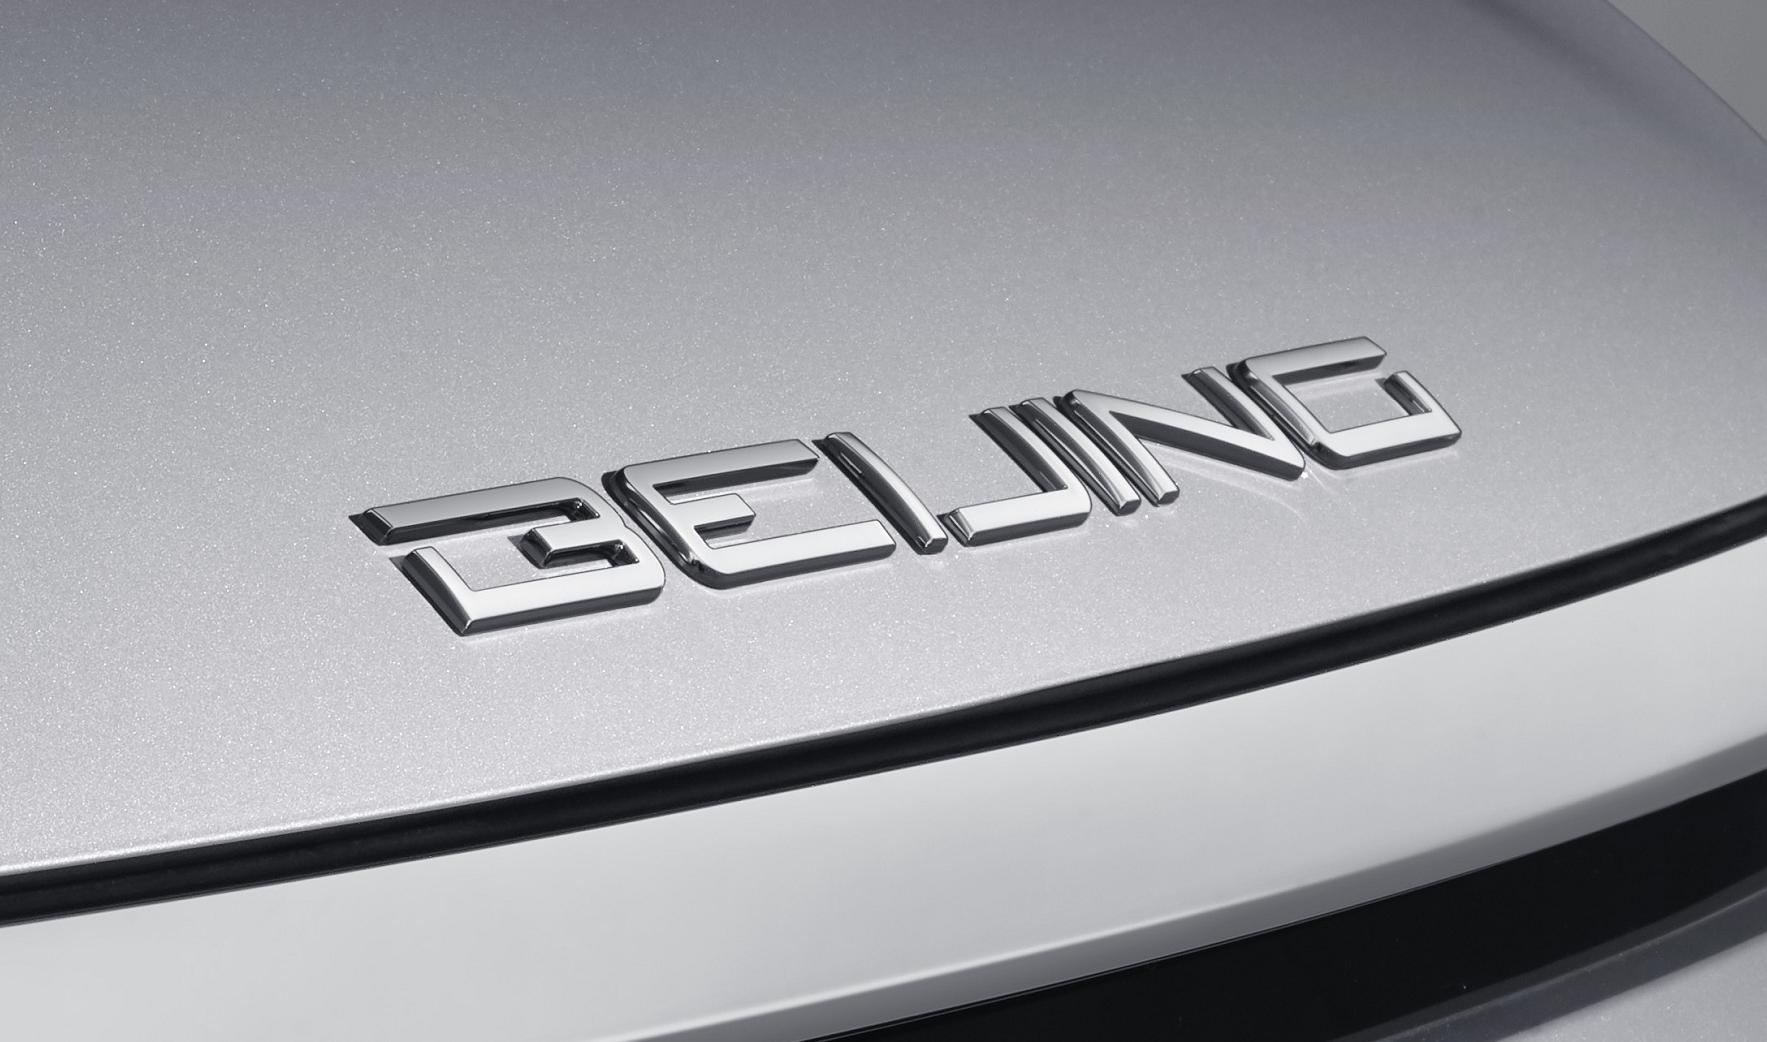 营销公司实体化 BEIJING品牌进入发展新阶段 | 汽车产经